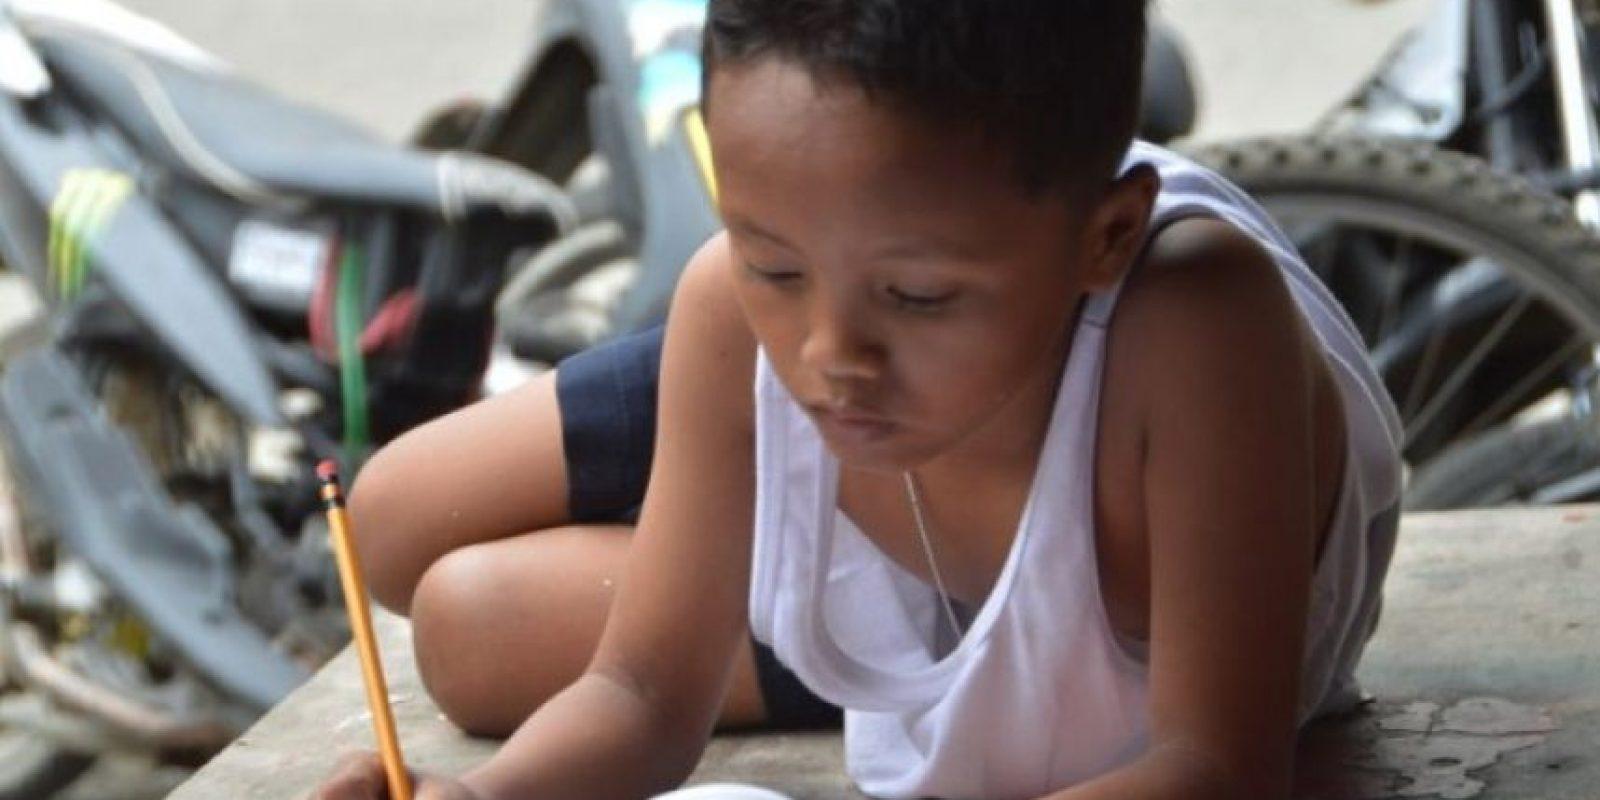 Se volvió viral en julio, mostrando las carencias de la familia filipina y sus deseos por salir adelane Foto:AFP